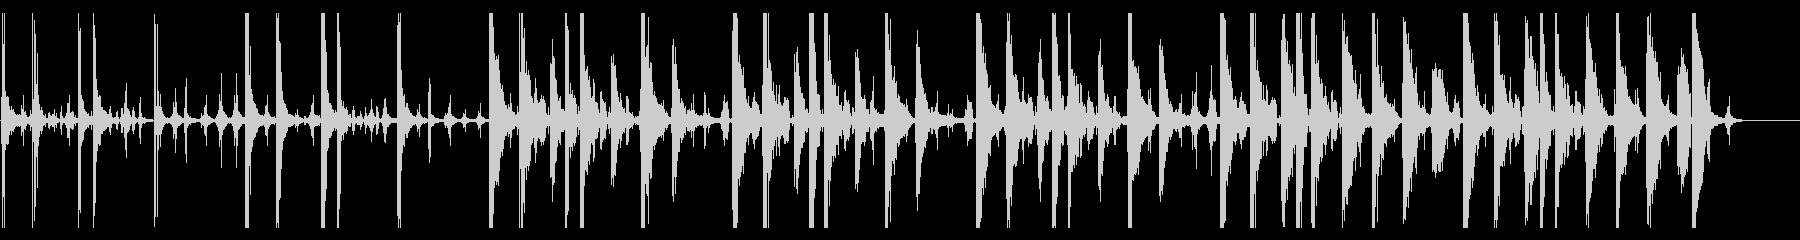 KANTハンズクラップシジングル2の未再生の波形